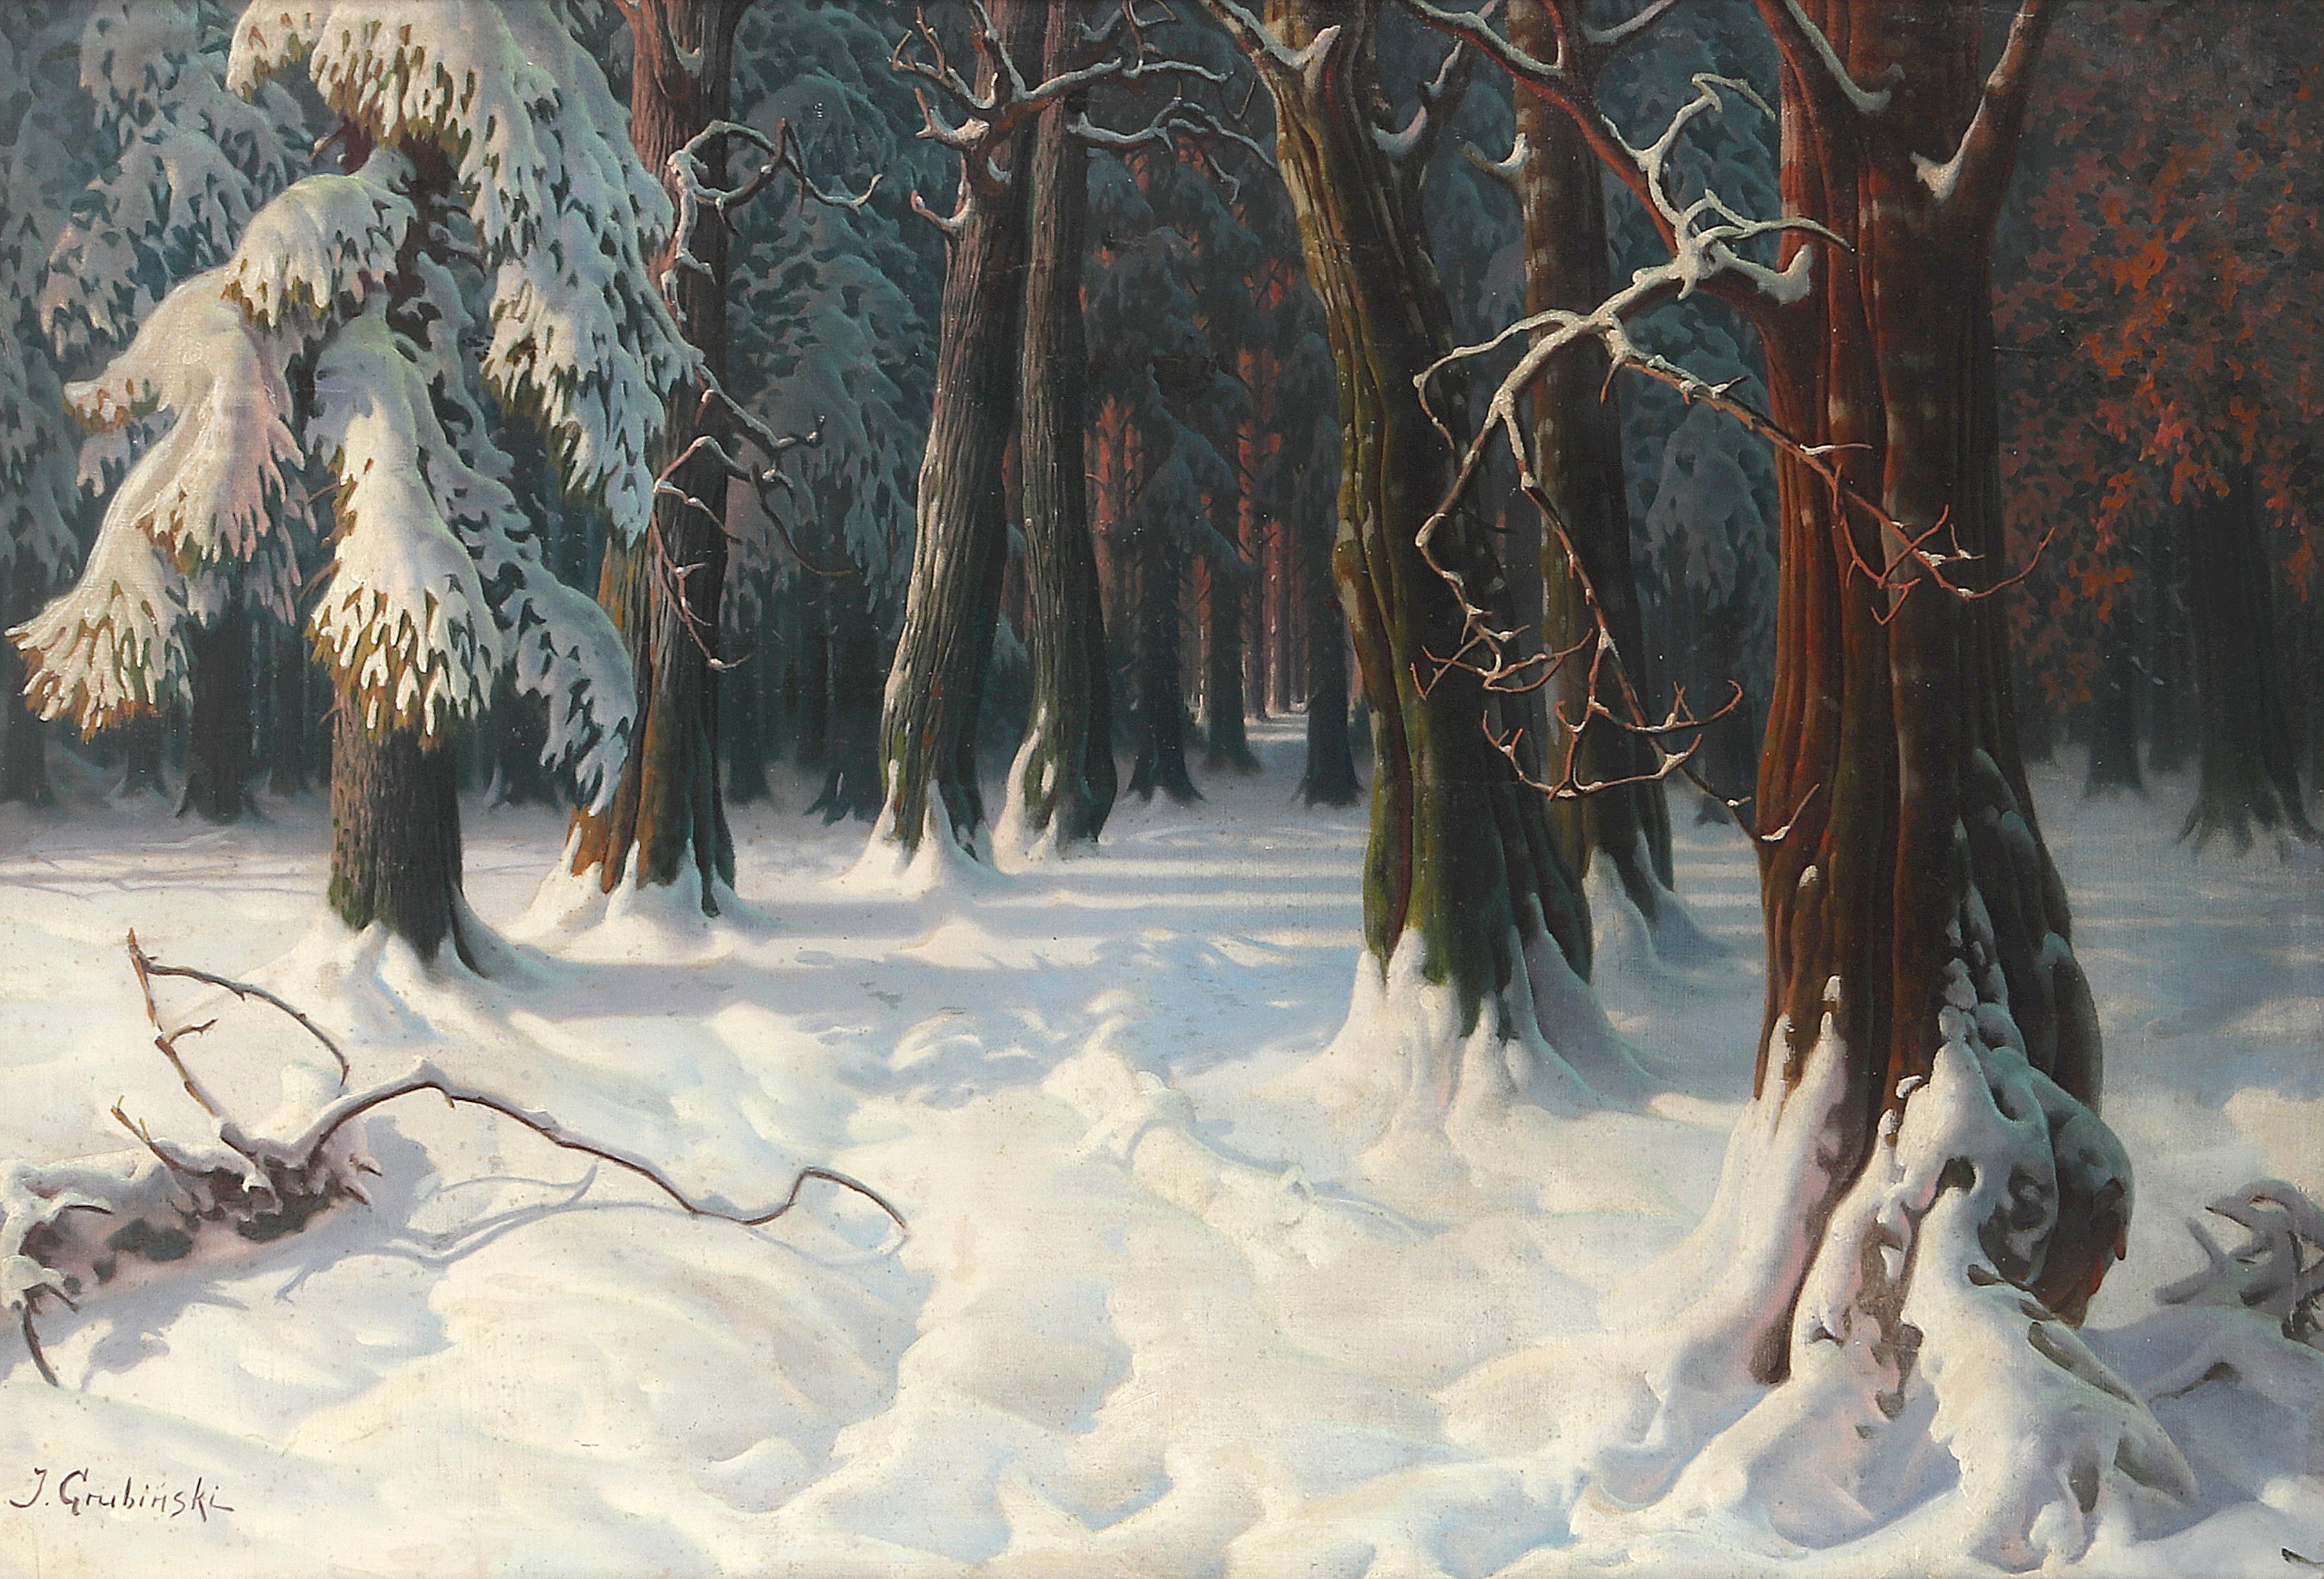 """Jan Grubiński (1874-1945) """"Pejzaż zimowy"""", źródło: Dorotheum"""